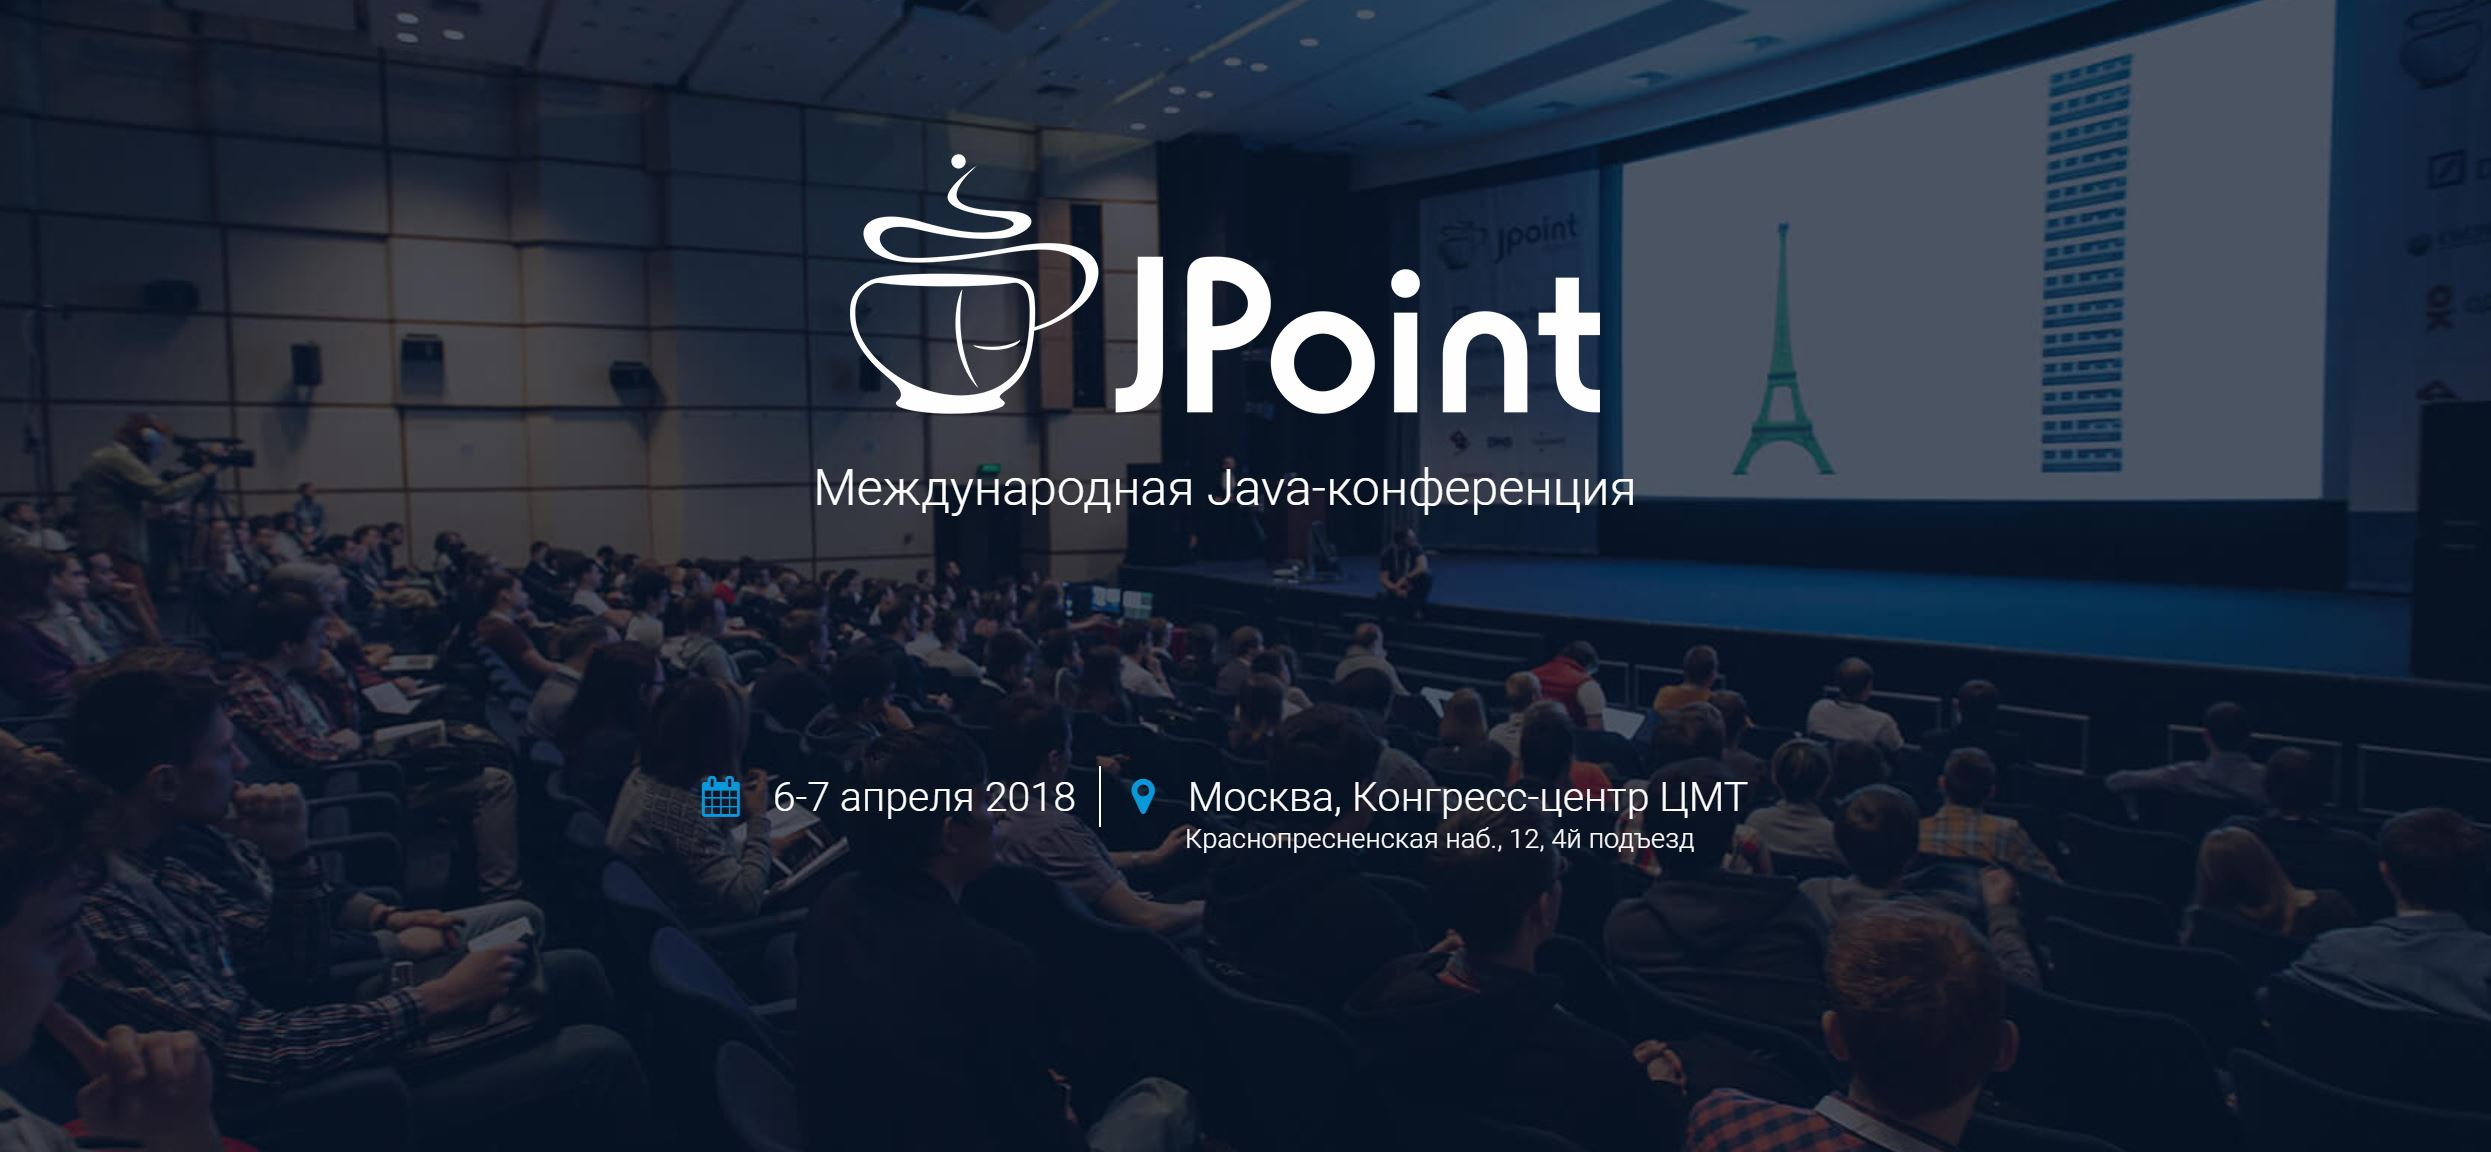 Анонс Java-конференции JPoint 2018: JDK 9, высокие нагрузки и производитель ...